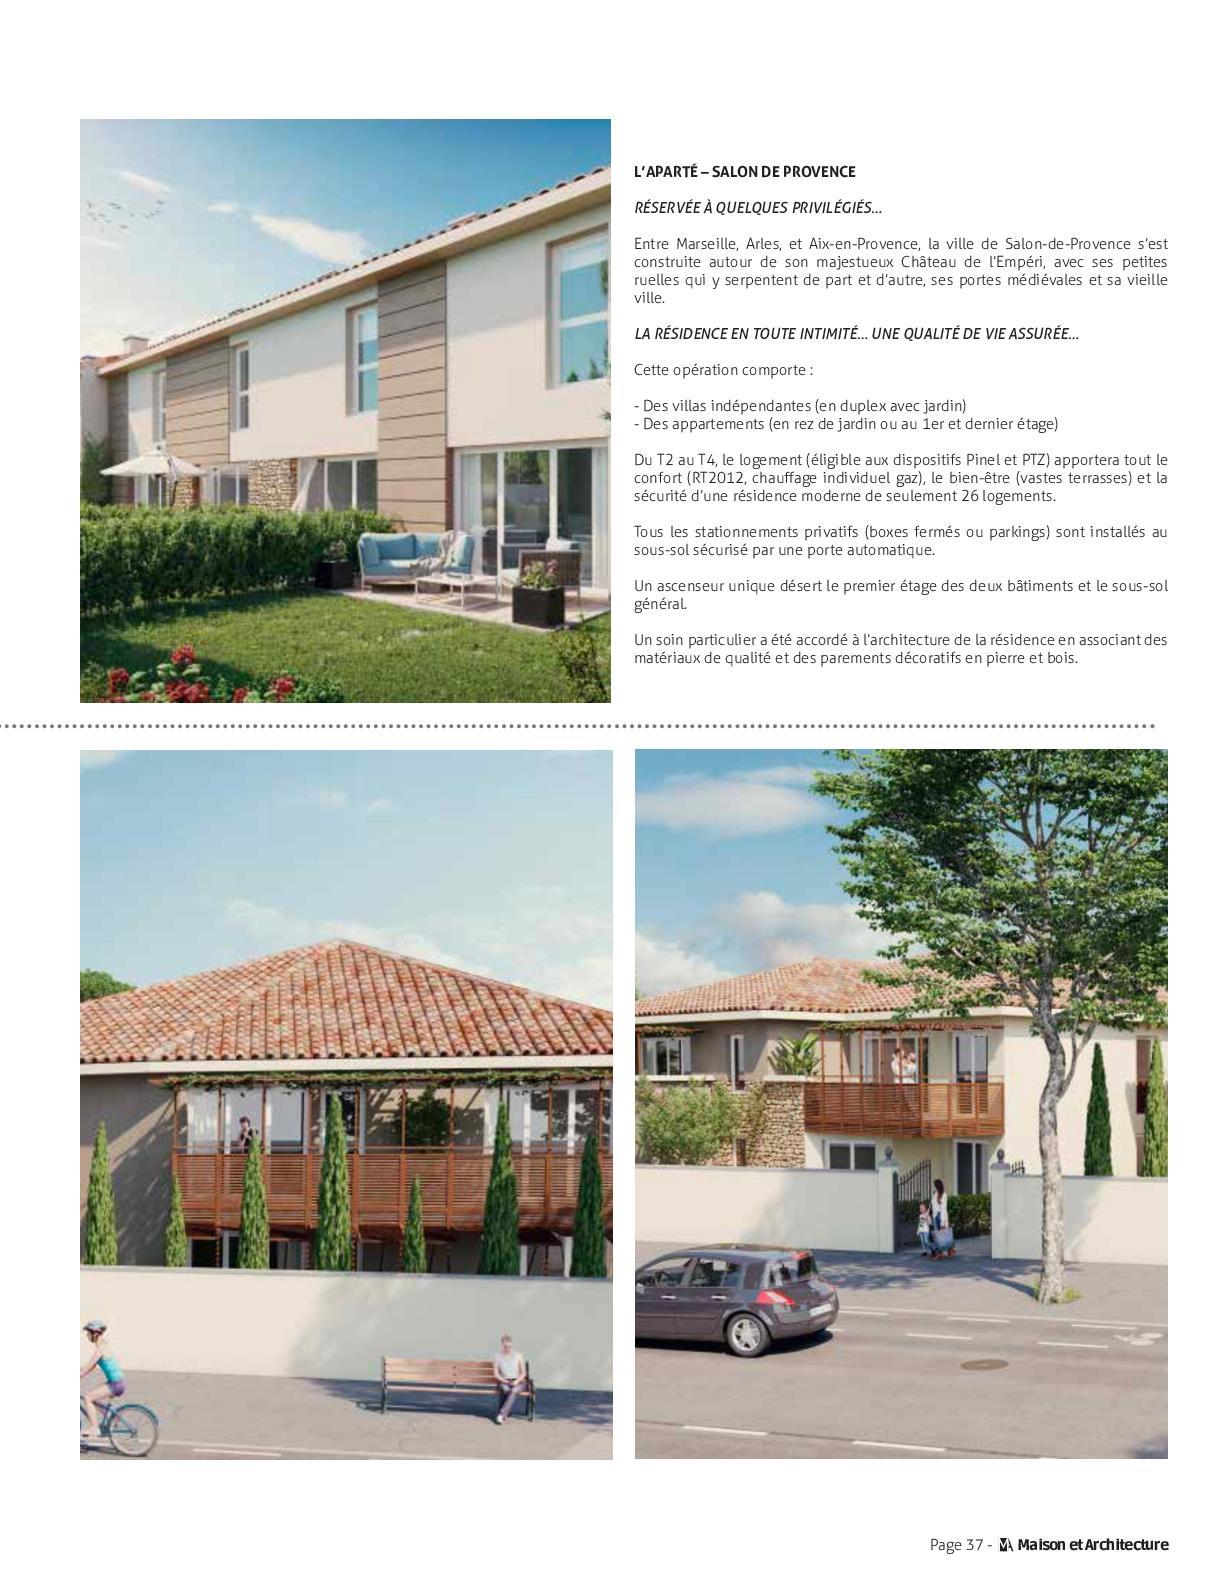 Maison Et Architecture Sud 2019 Calameo Downloader